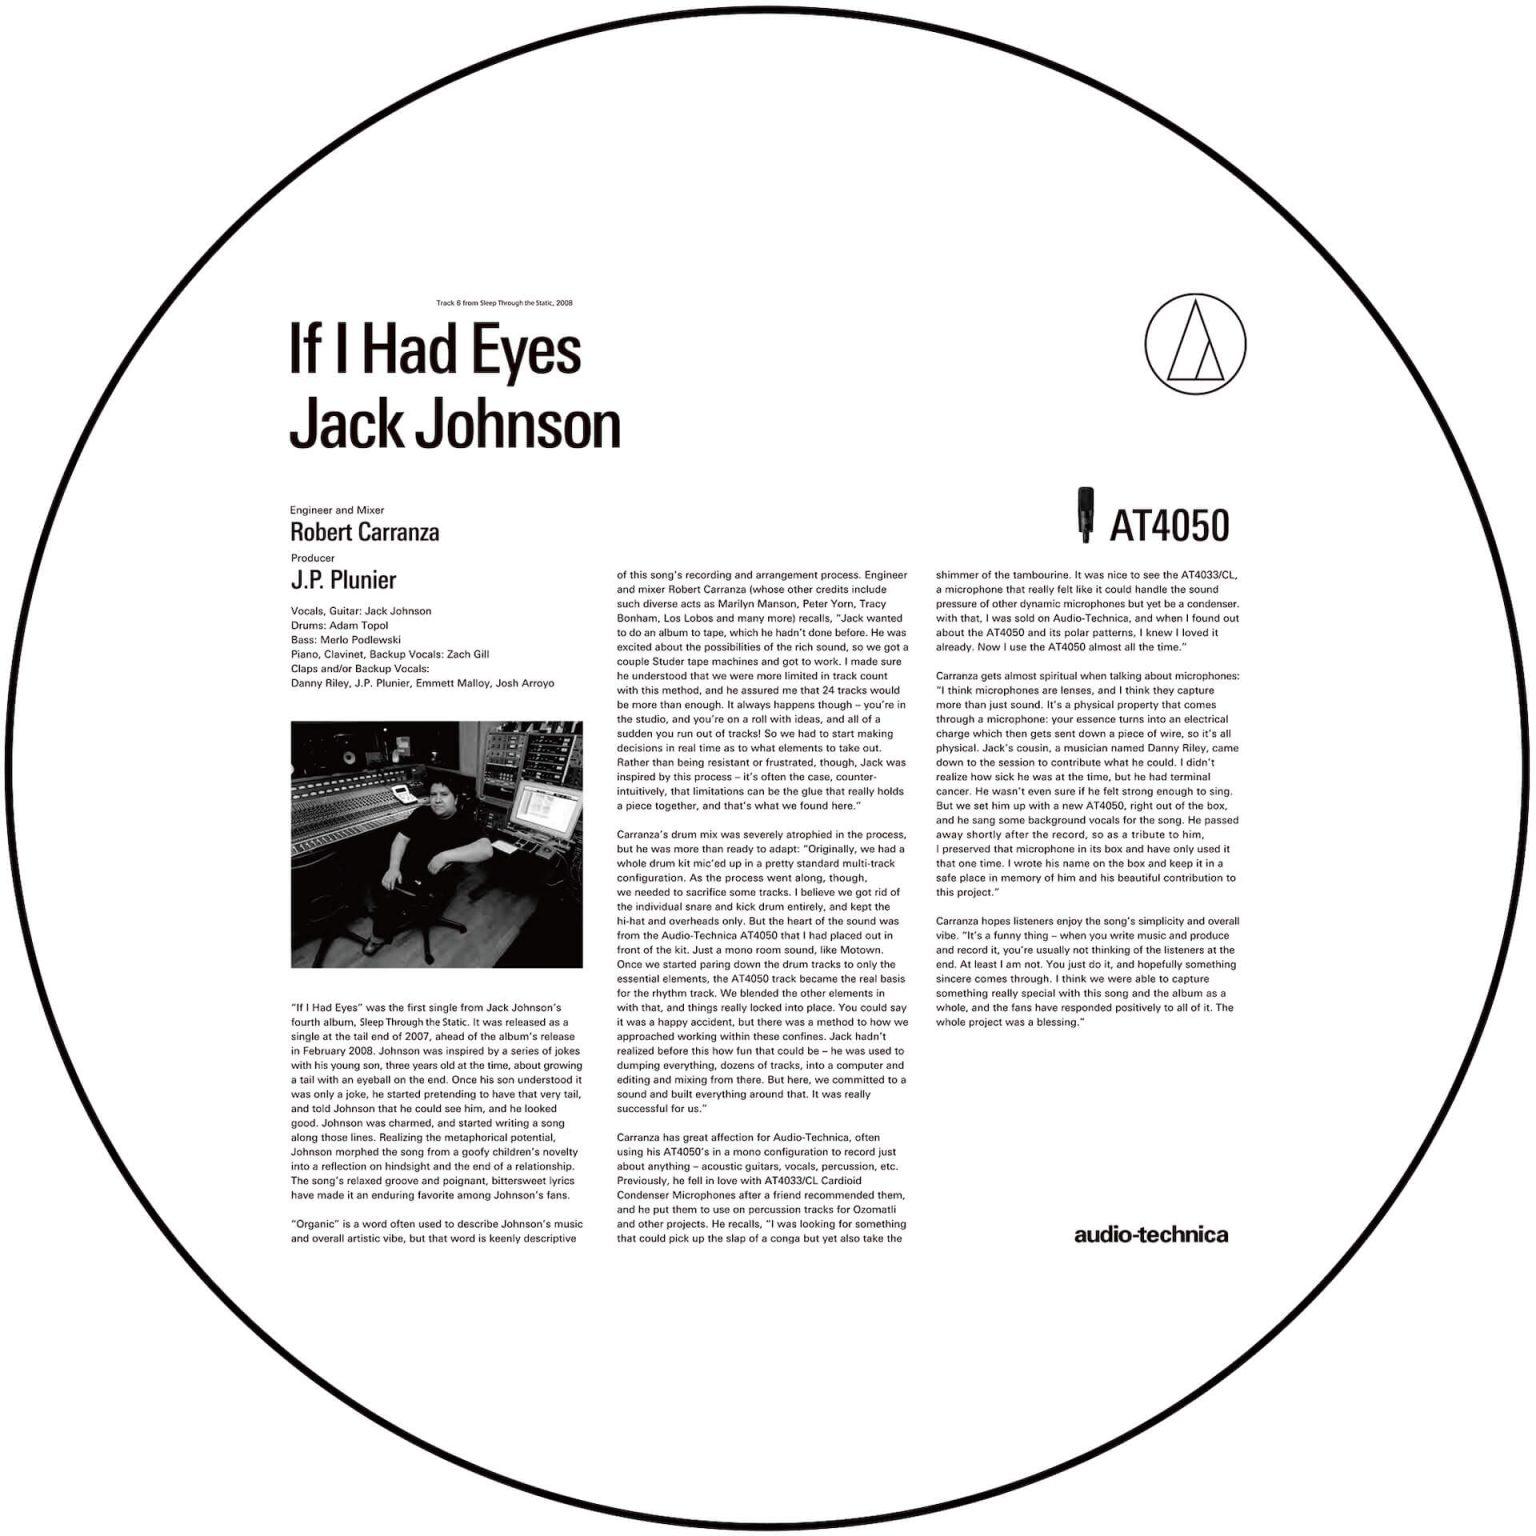 """失った恋と内省を綴るジャック・ジョンソンの名曲""""If I Had Eyes""""。直感に反するレコーディングで目覚めた音作り"""